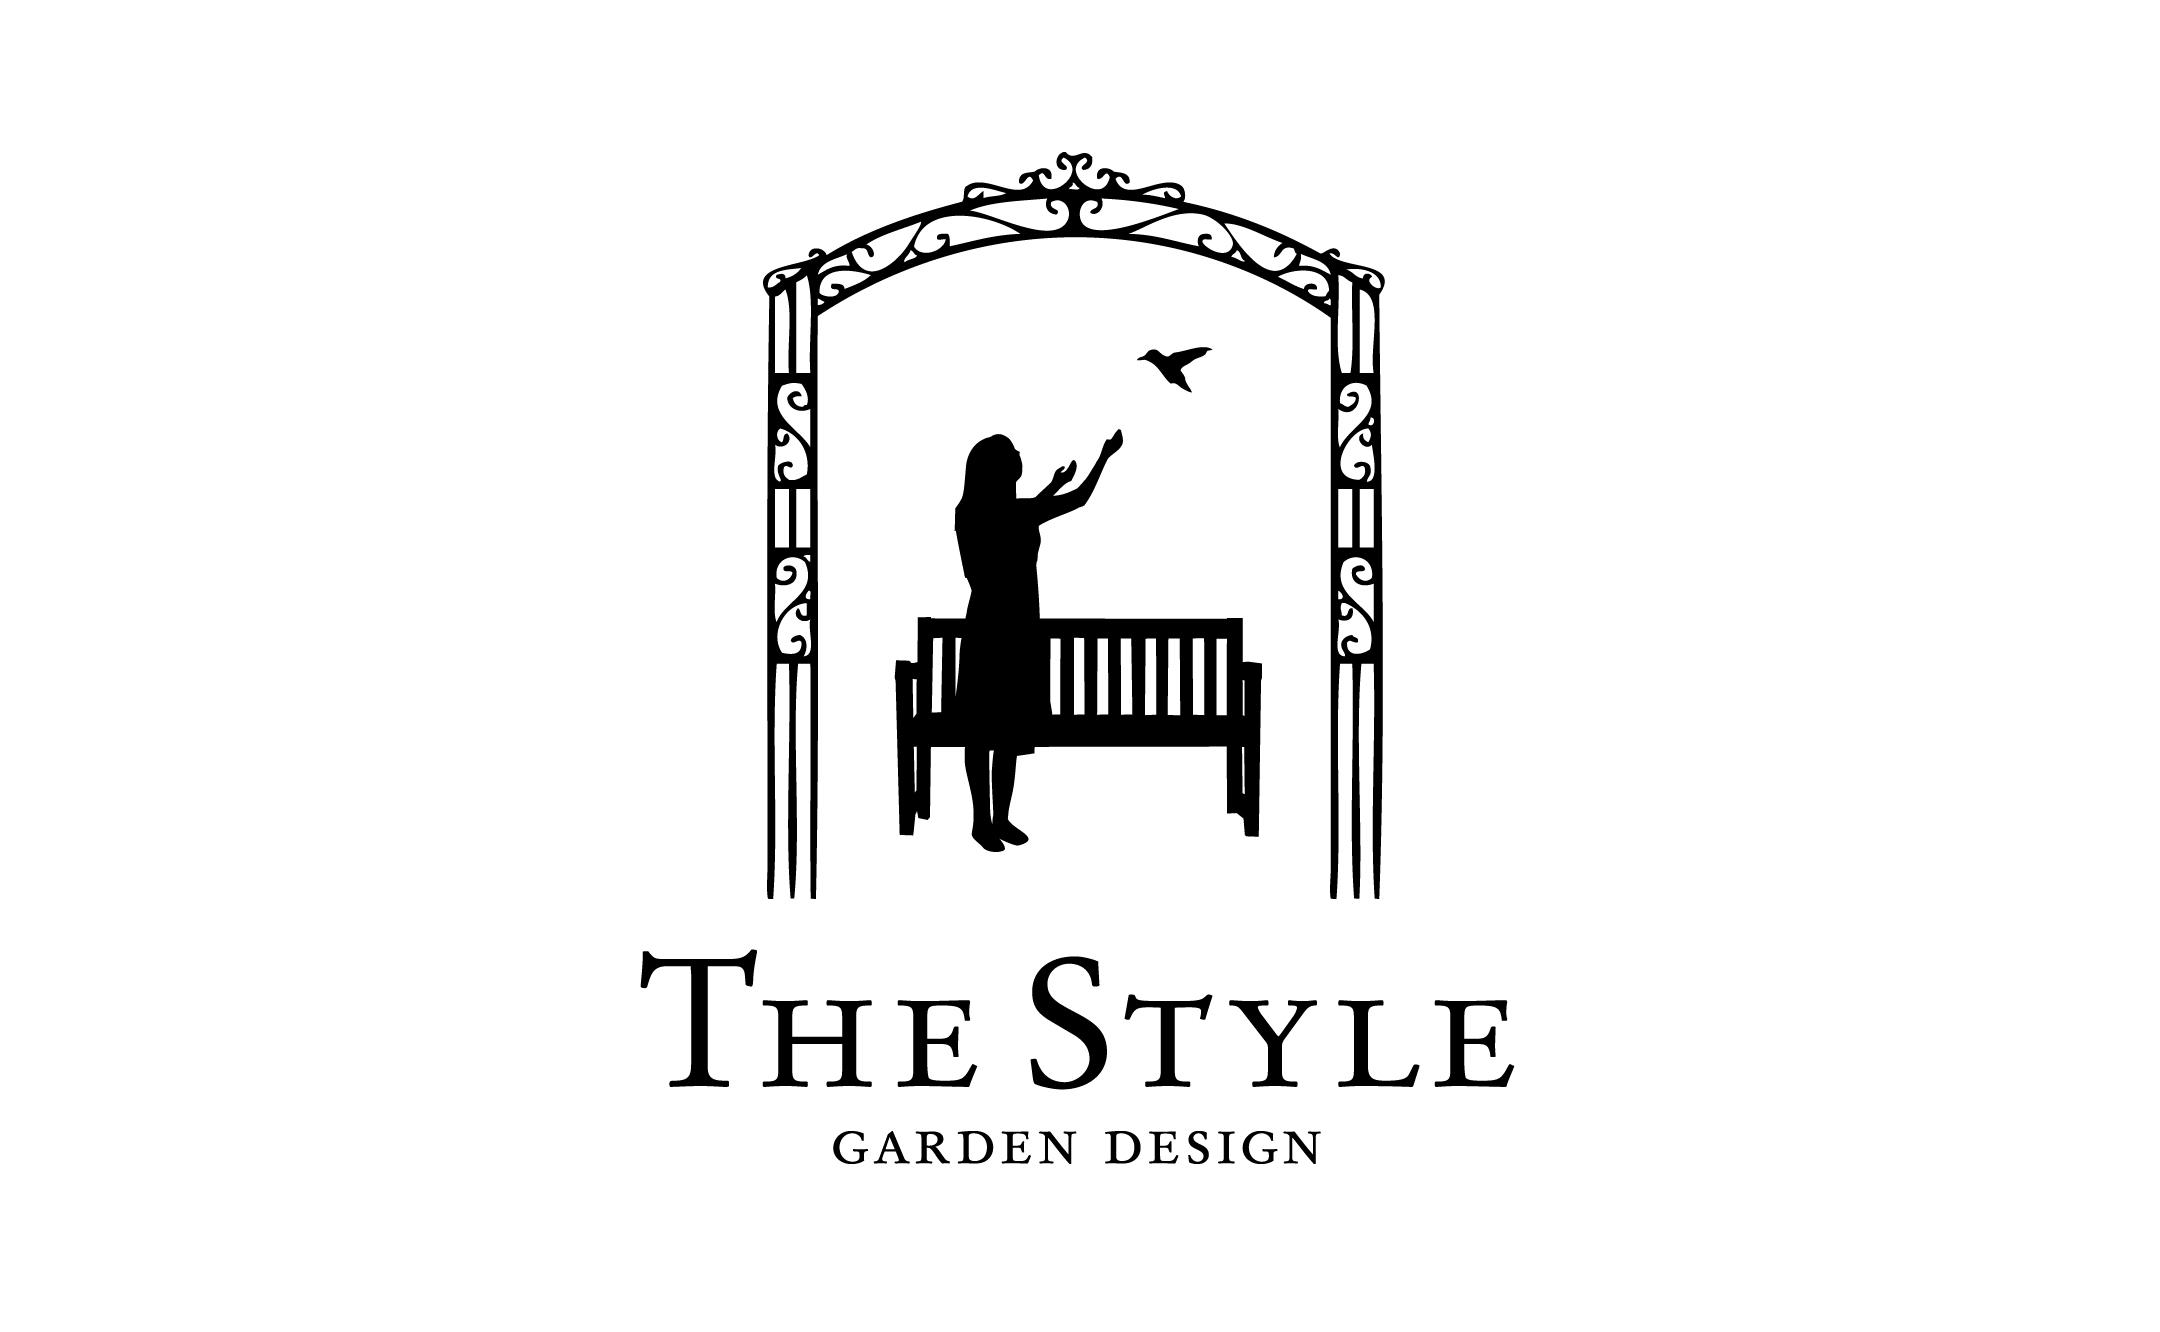 ザ・スタイル ガーデンデザイン ロゴ制作